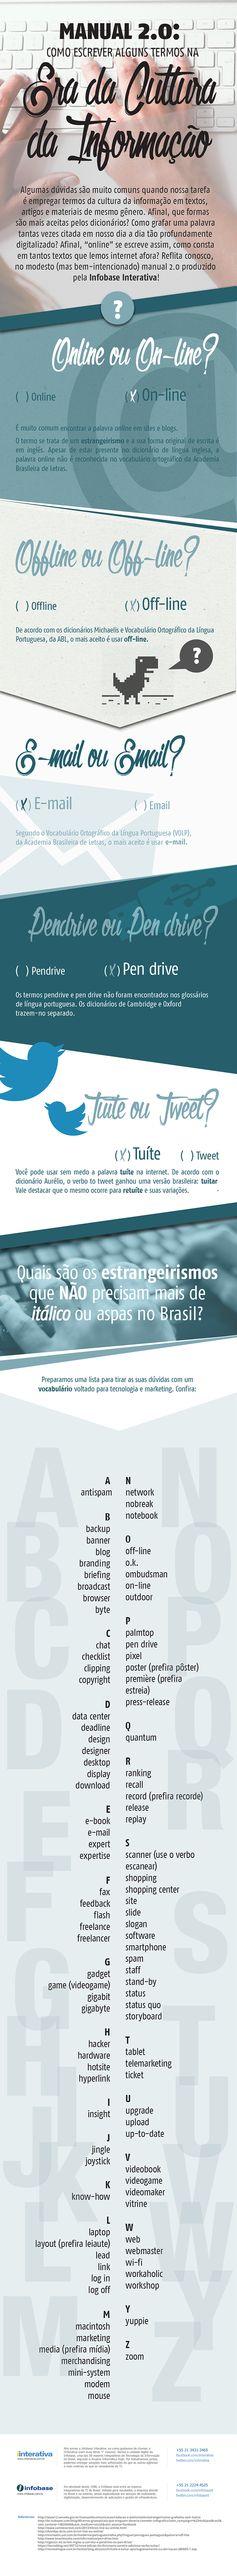 Online ou On-line? Infográfico traz uso adequado de expressões da cultura digital http://followthecolours.com.br/just-coolt/online-ou-on-line-infografico-traz-uso-adequado-de-expressoes-da-cultura-digital/